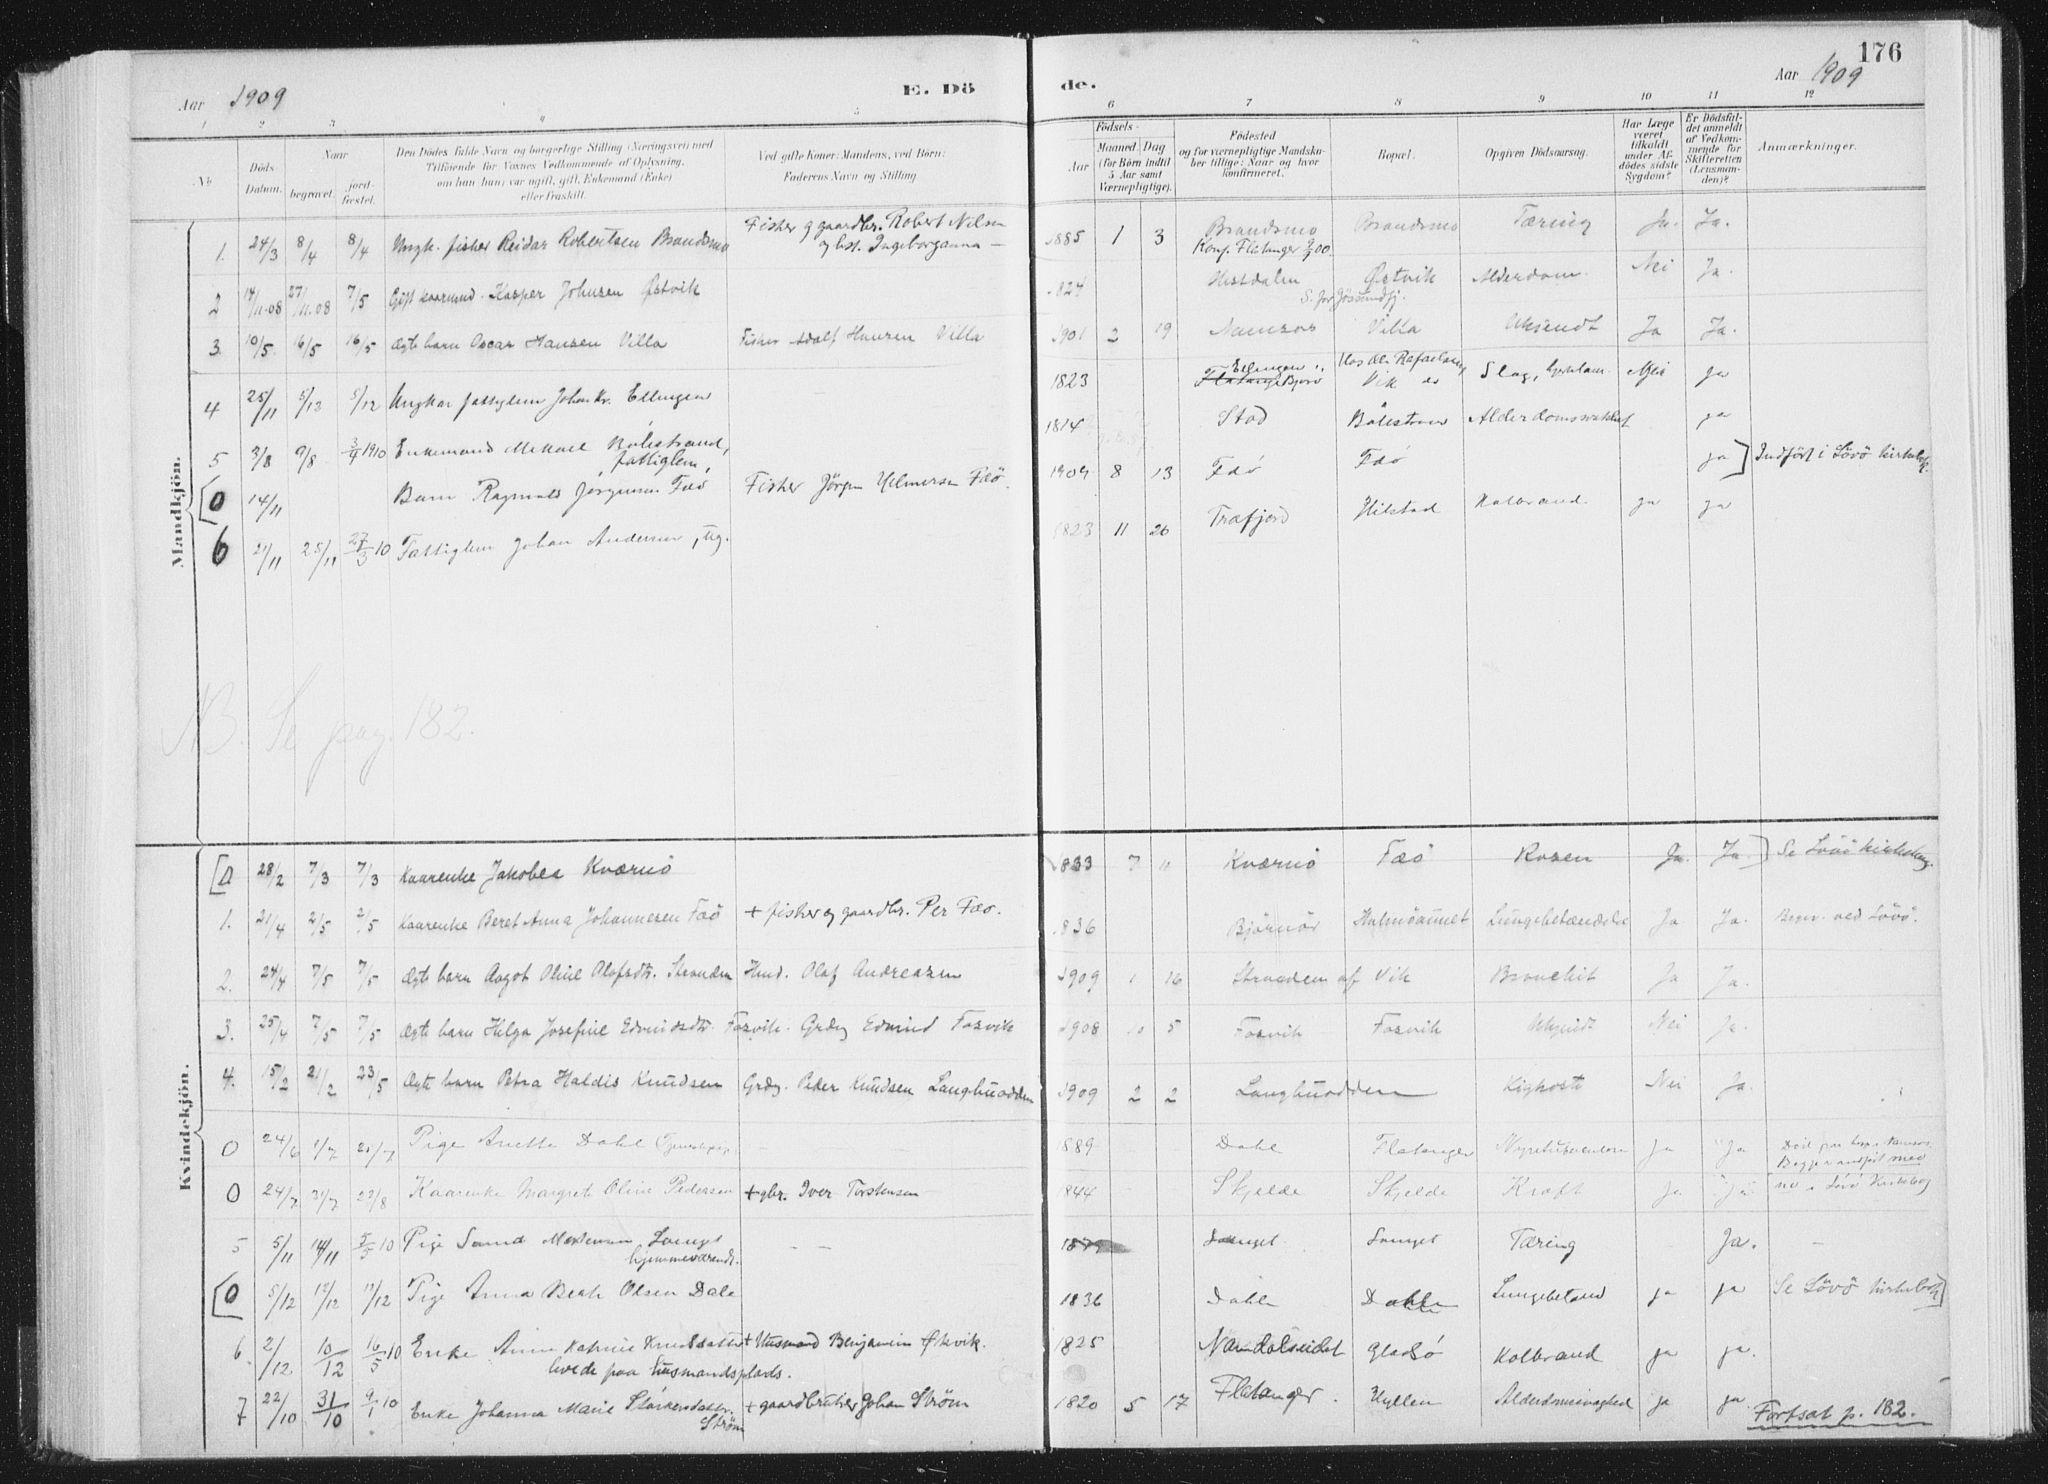 SAT, Ministerialprotokoller, klokkerbøker og fødselsregistre - Nord-Trøndelag, 771/L0597: Ministerialbok nr. 771A04, 1885-1910, s. 176